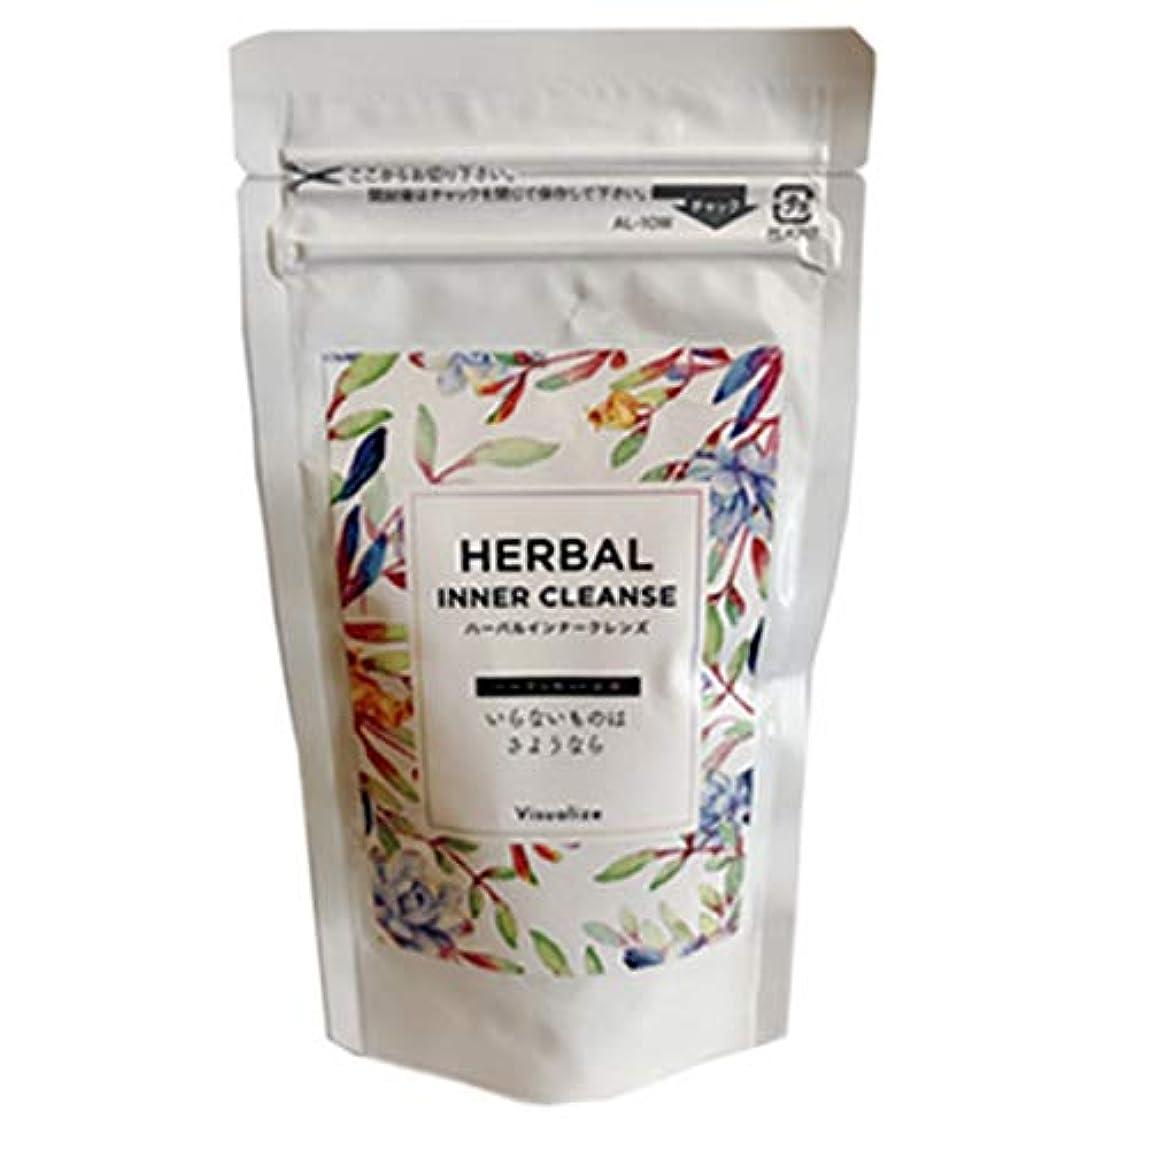 処方動員する東ティモールハーバルインナークレンズ Herbal INNER CLEANZE (150粒(tablets))2019/1/8より順次発送